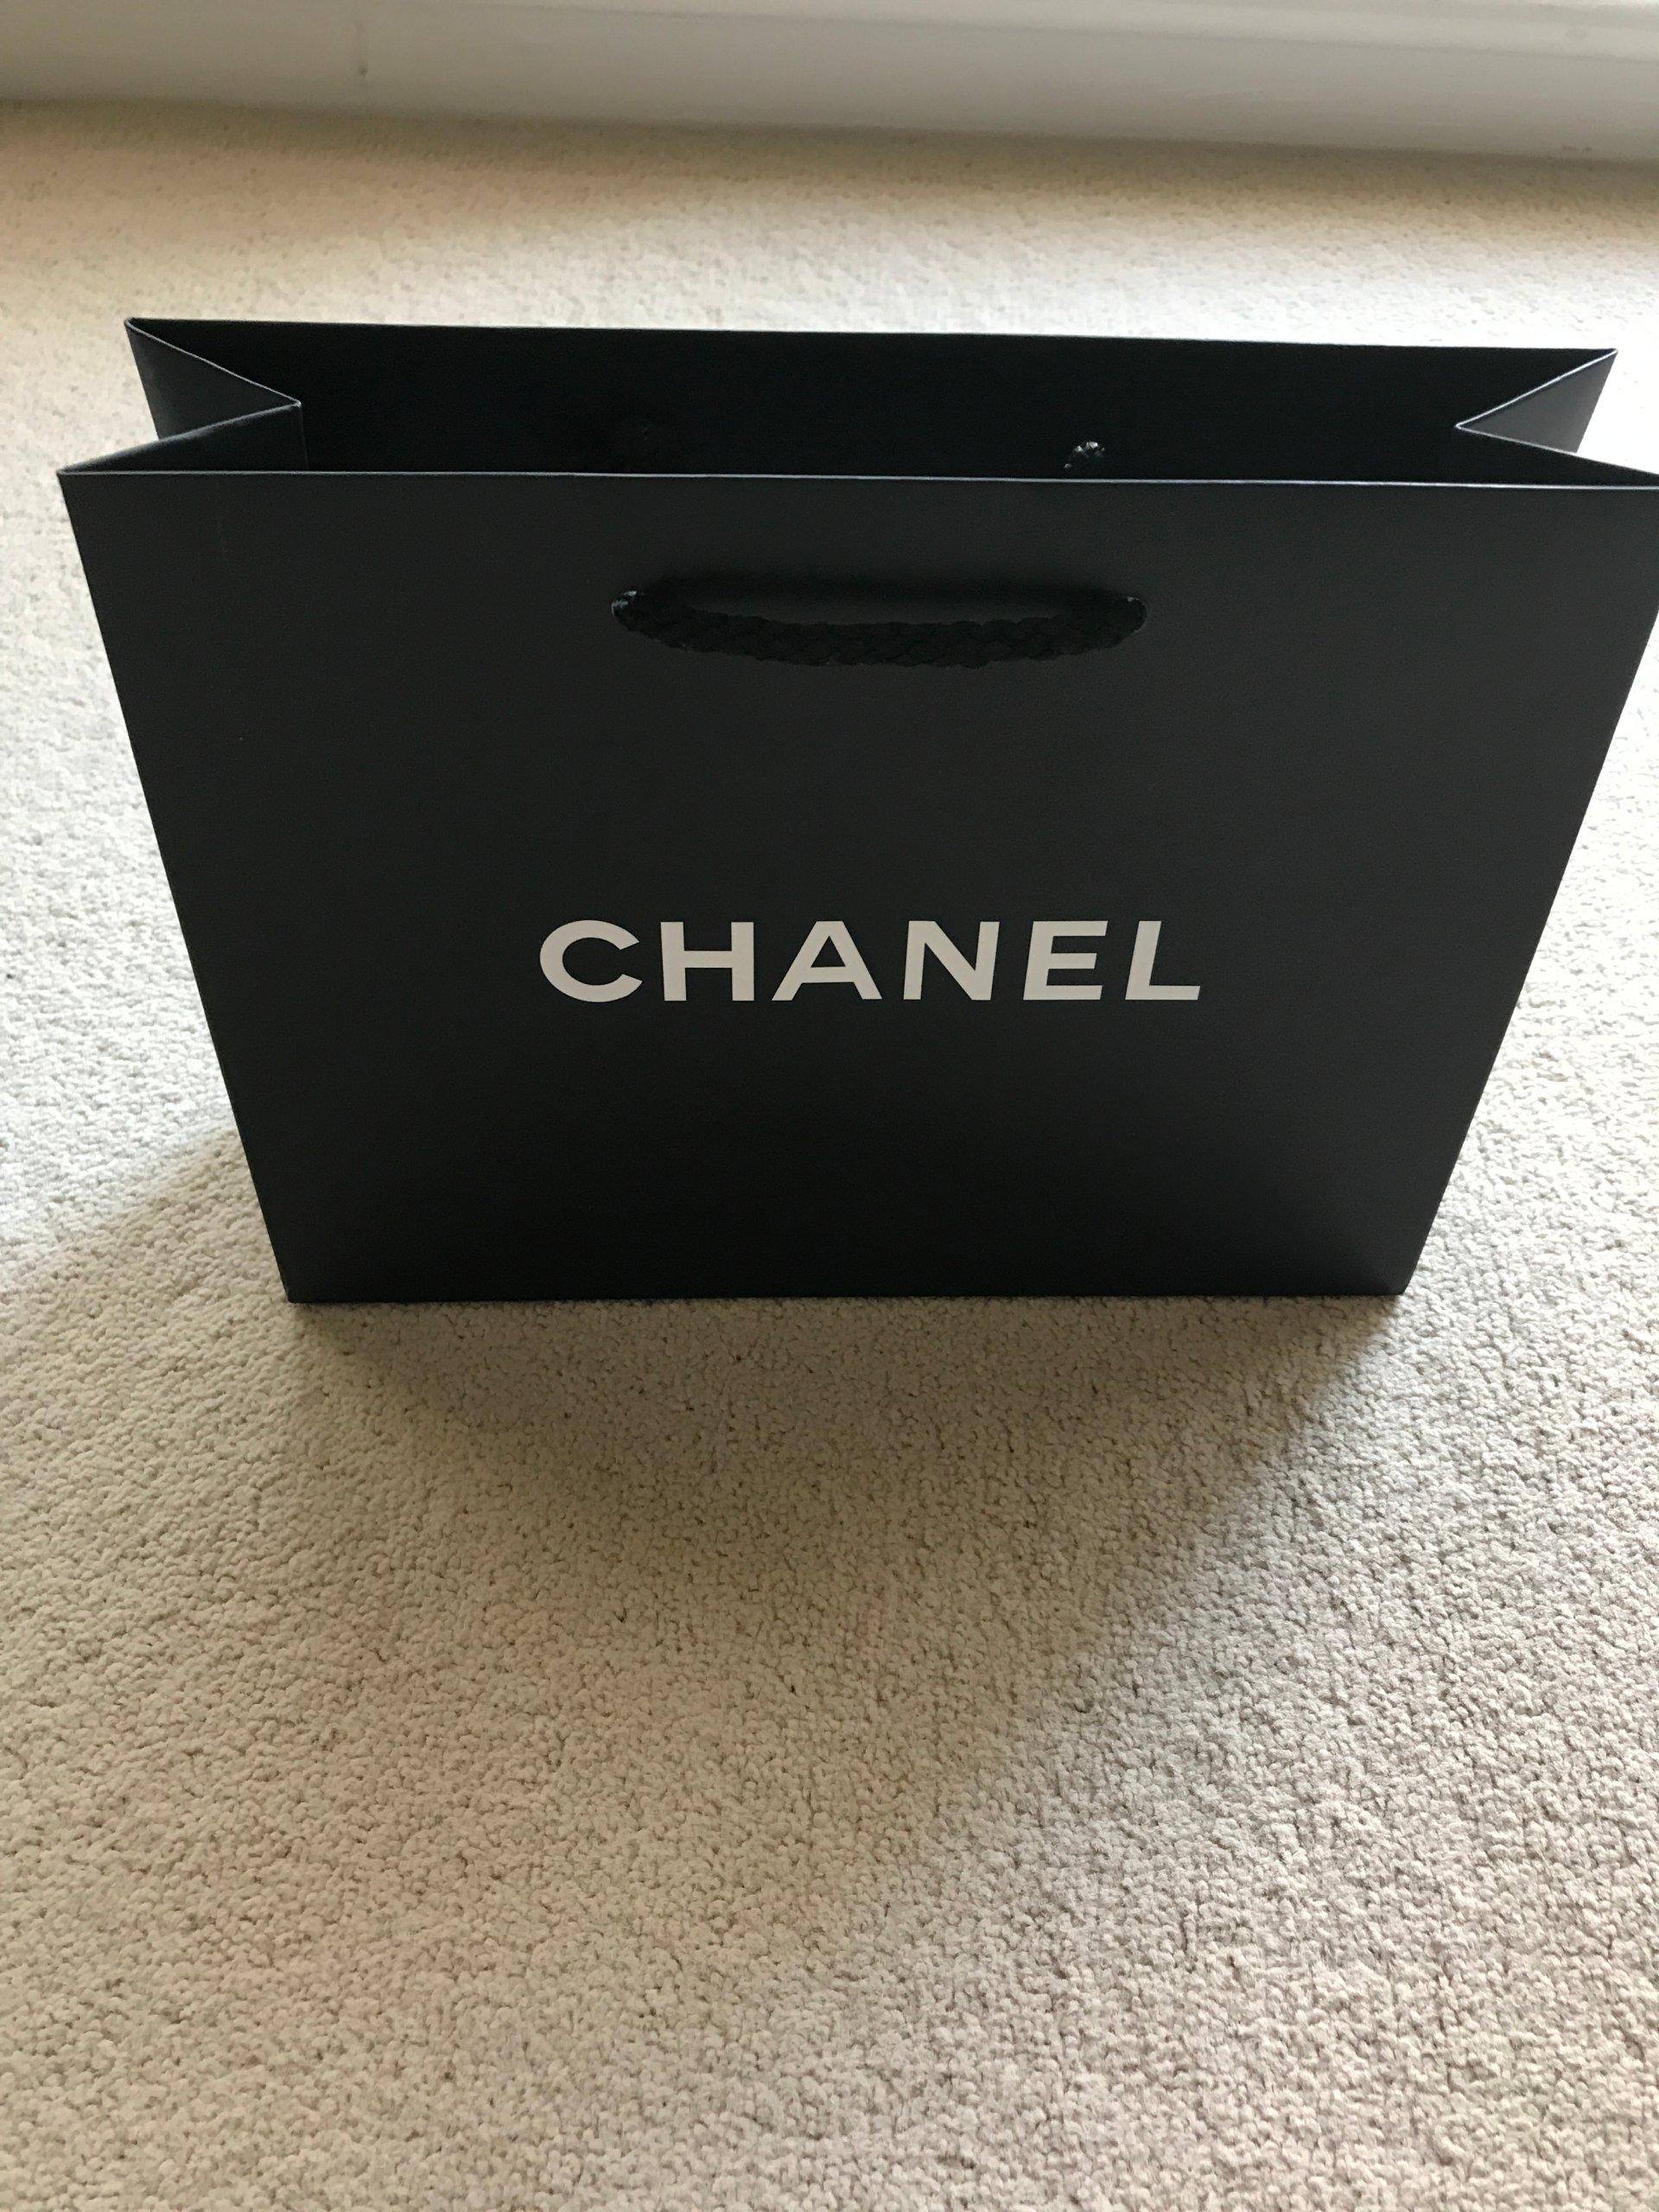 eb14b75b47010 Chanel oryginalna mała torebka, torba prezentowa, - 7037326431 ...